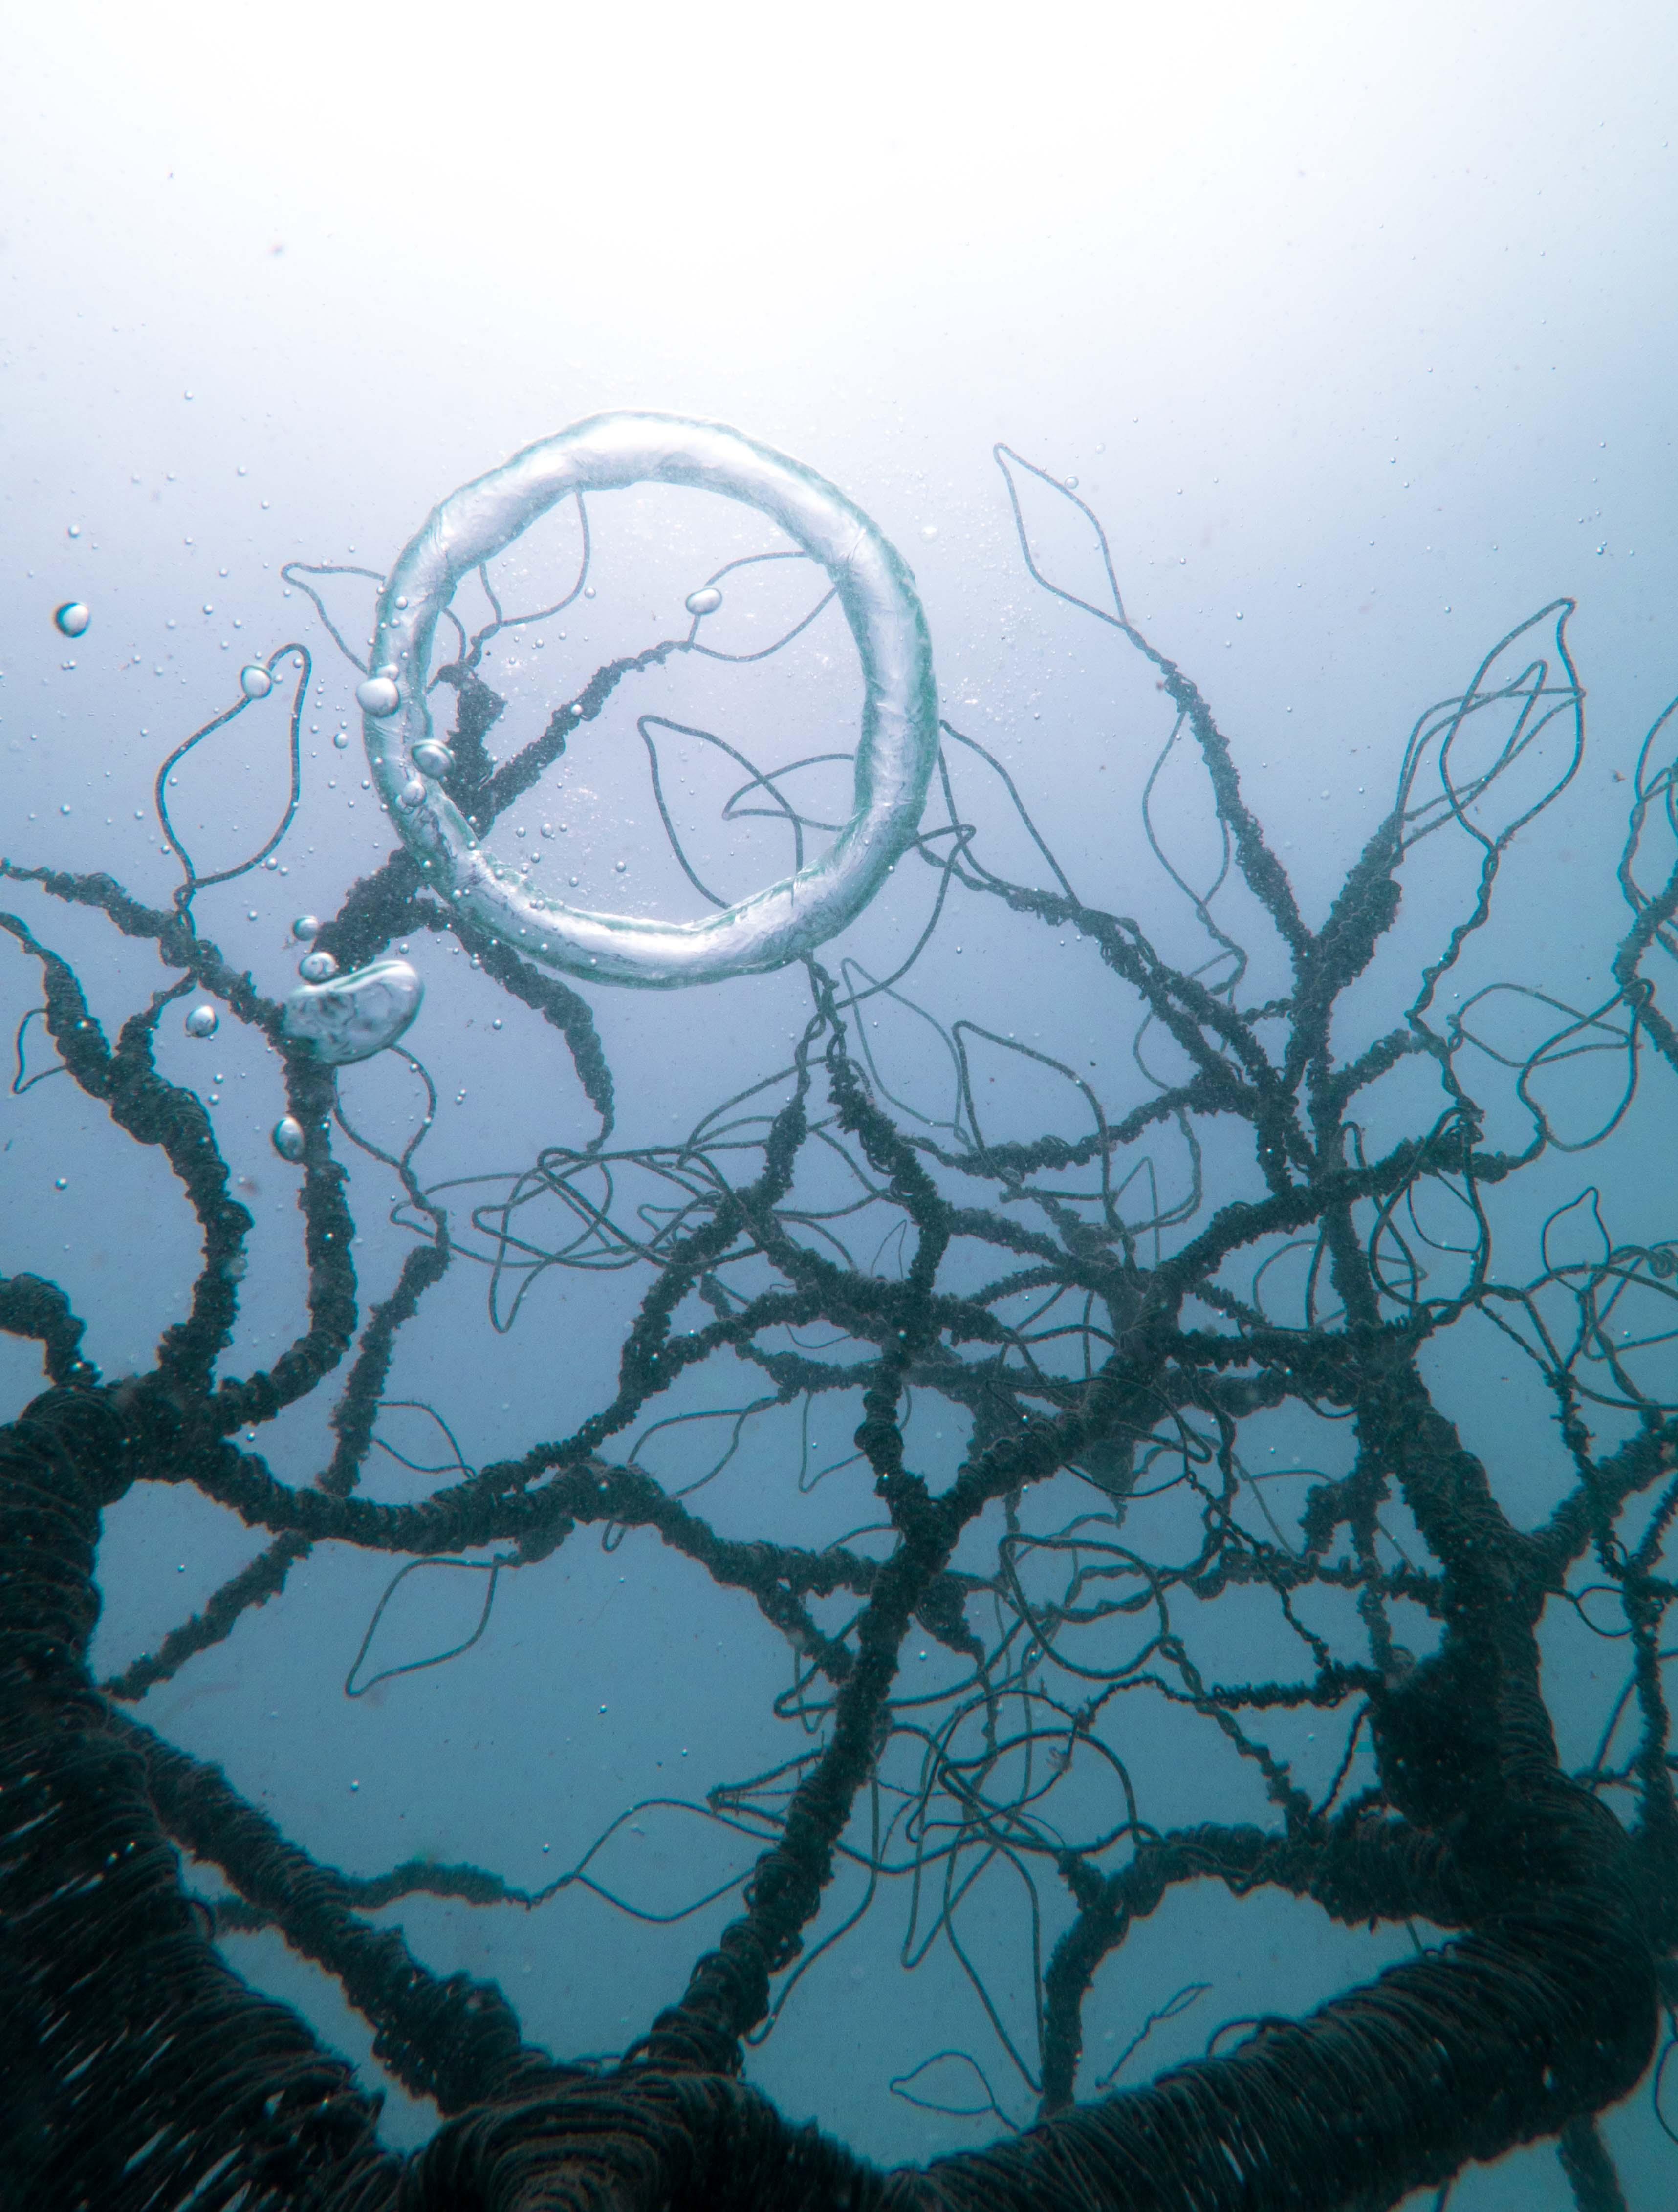 Underwater Halo – Tree of Life